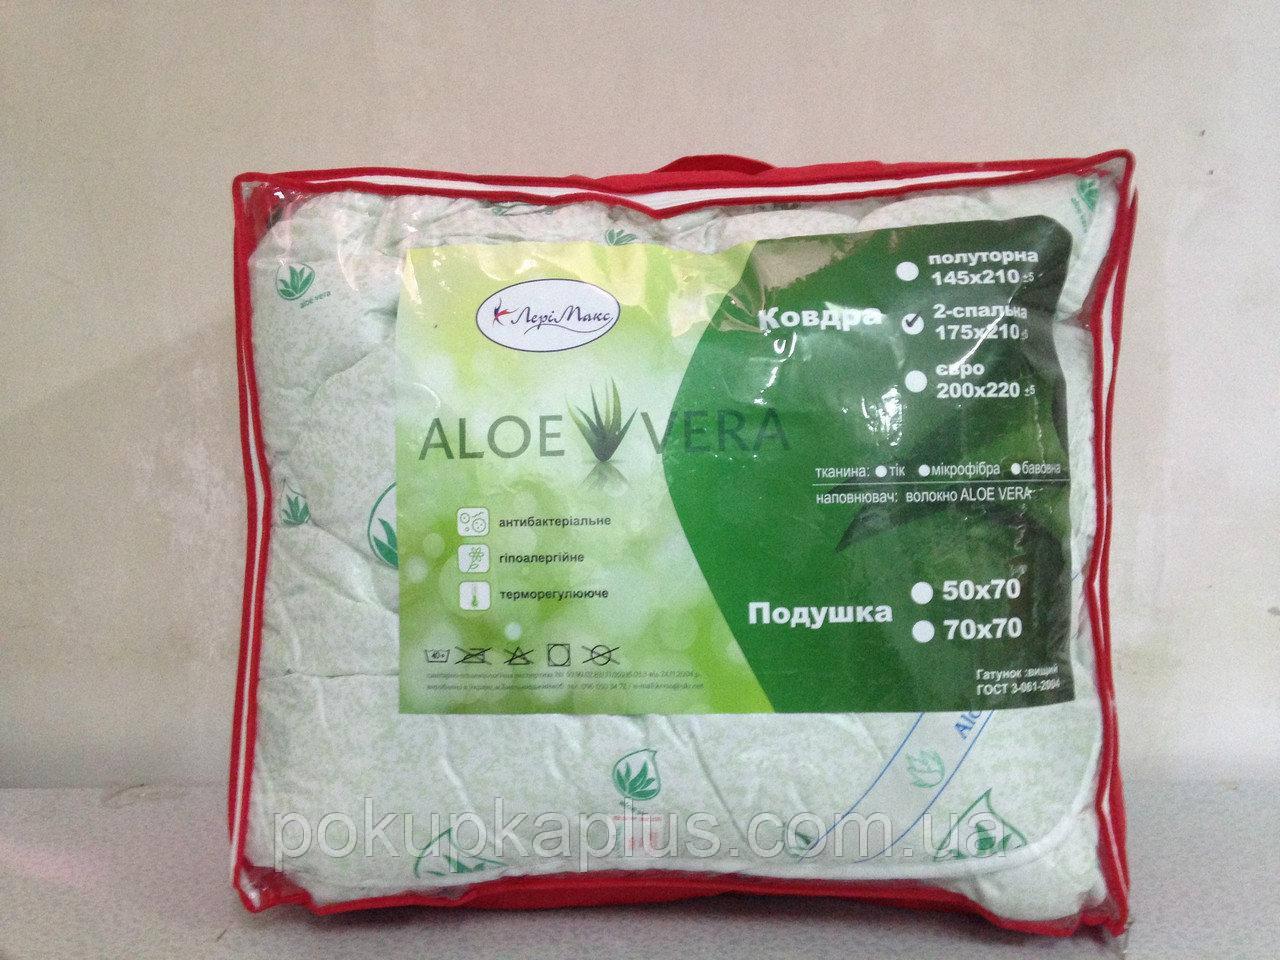 Одеяло Алое вера холлофайбер 200*215 евро размер